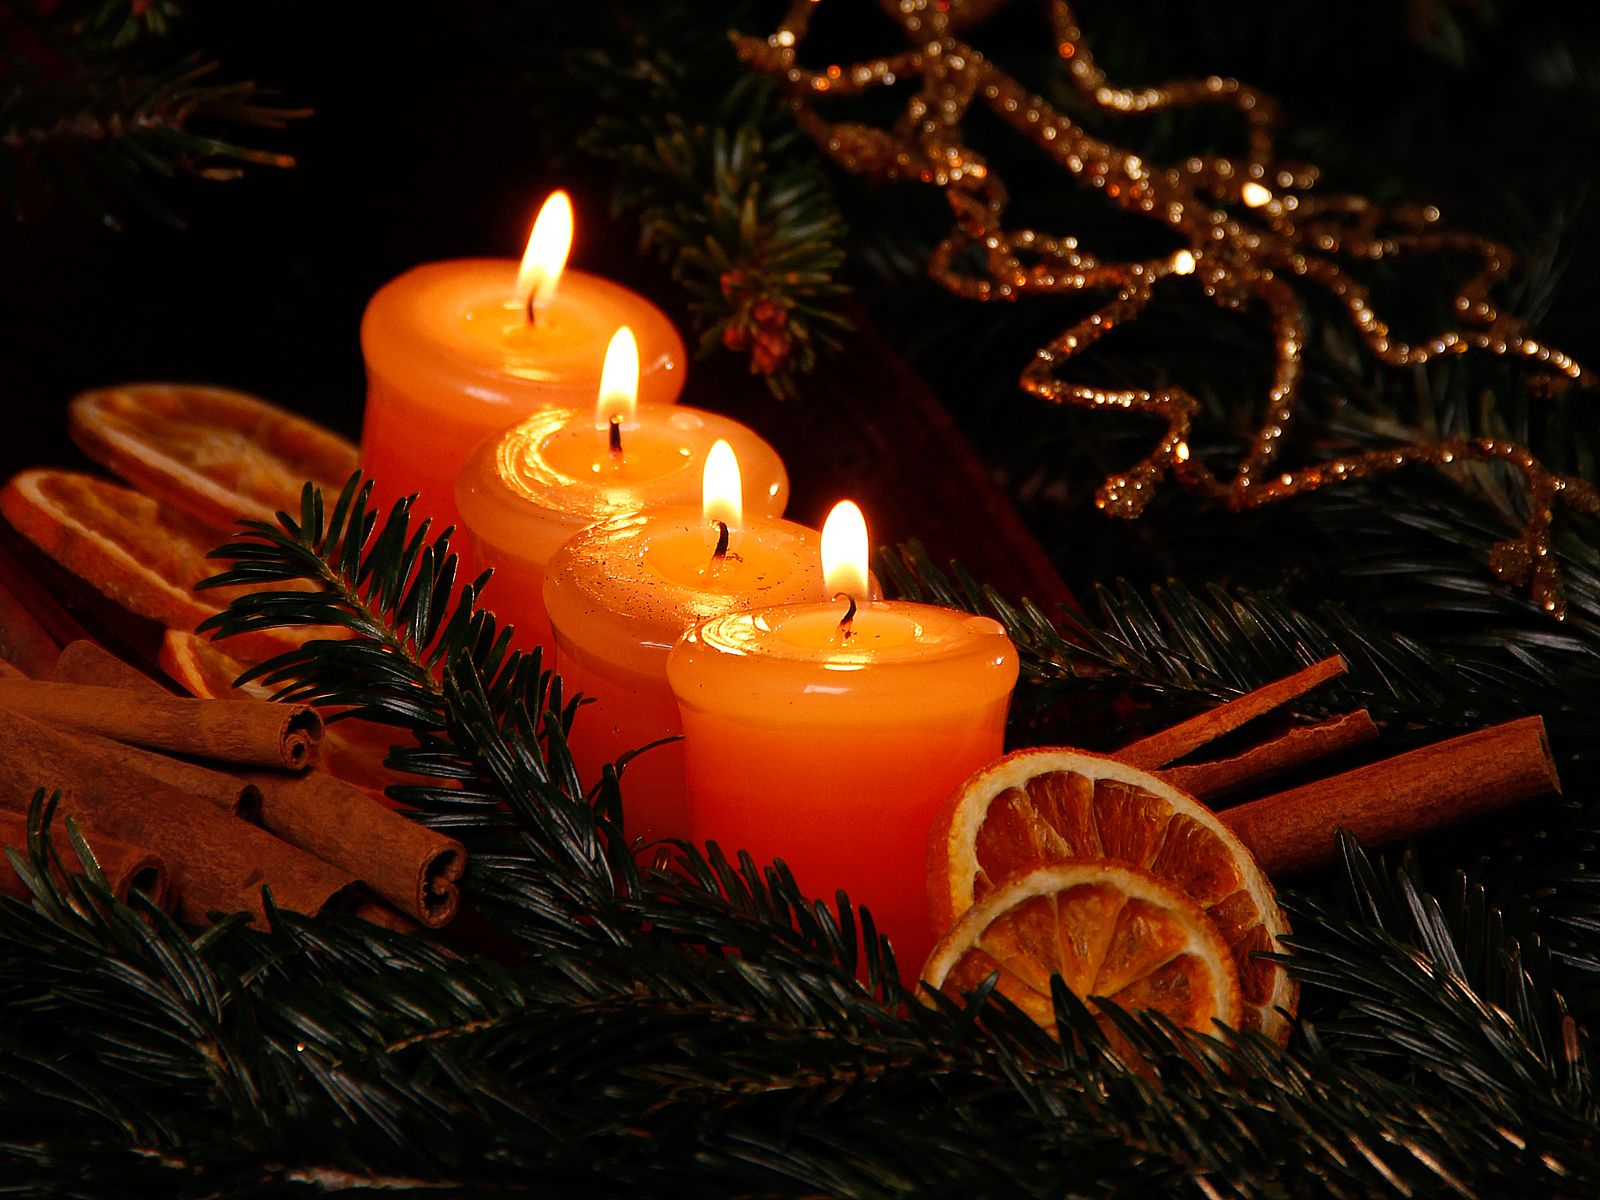 Weihnachtsbilder Kostenlos Runterladen   Kerzen - Schöne innen Kostenlos Weihnachtsbilder Runterladen